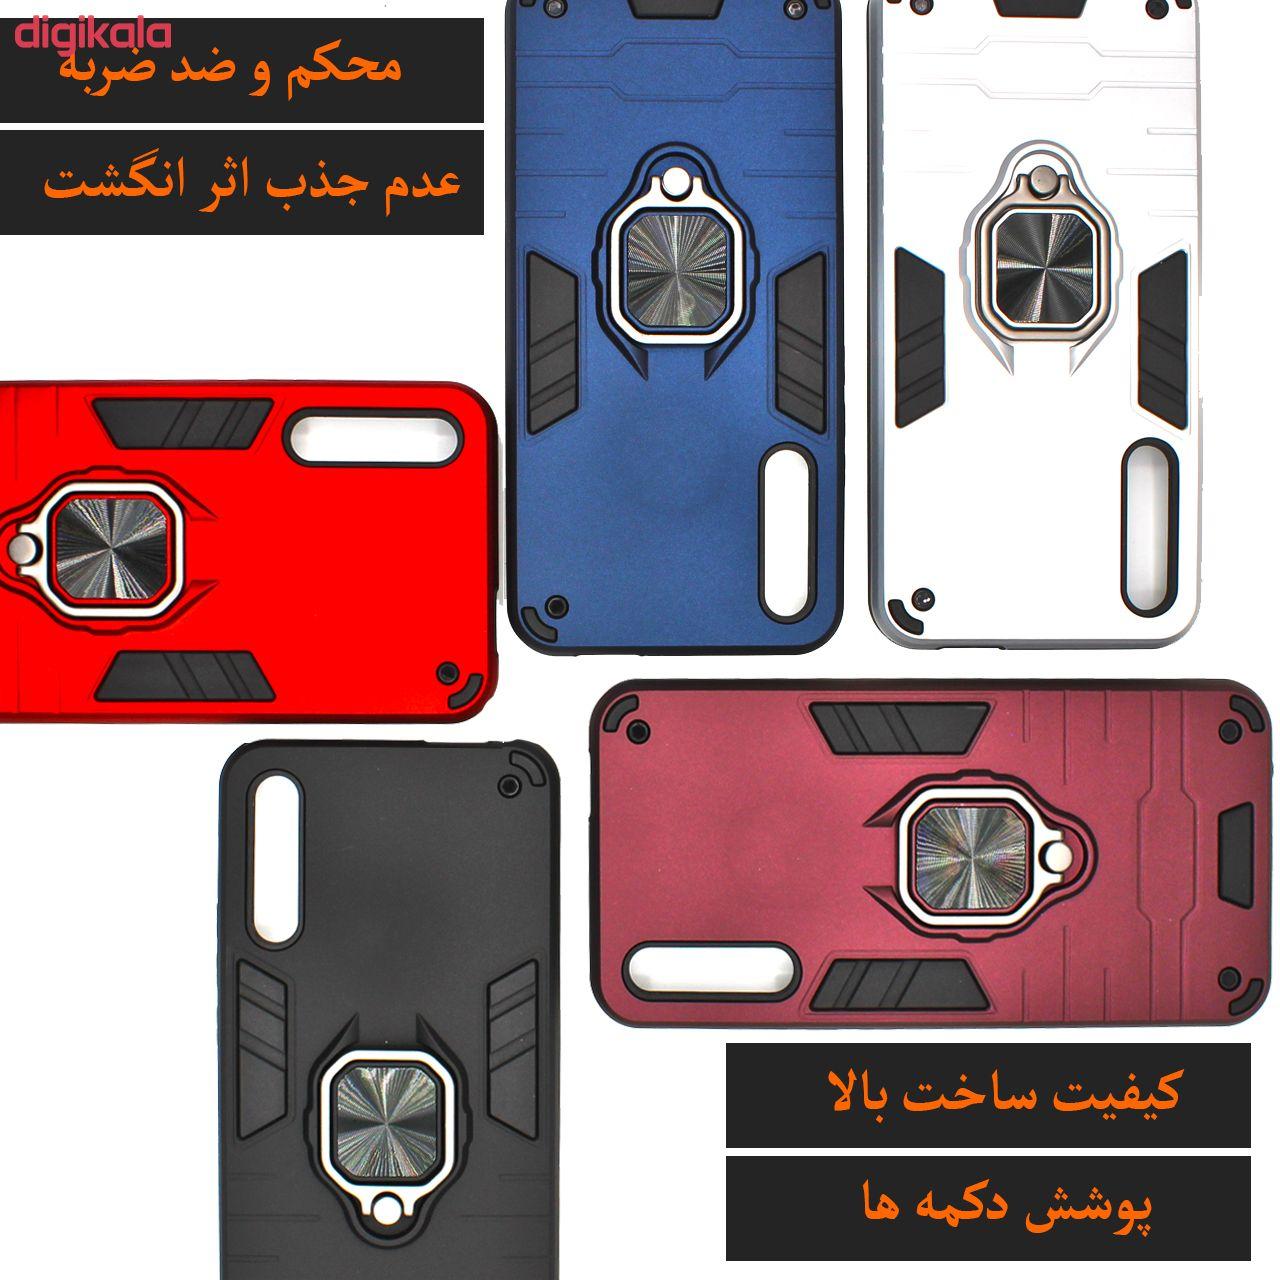 کاور کینگ پاور مدل ASH22 مناسب برای گوشی موبایل هوآوی Y9s main 1 12